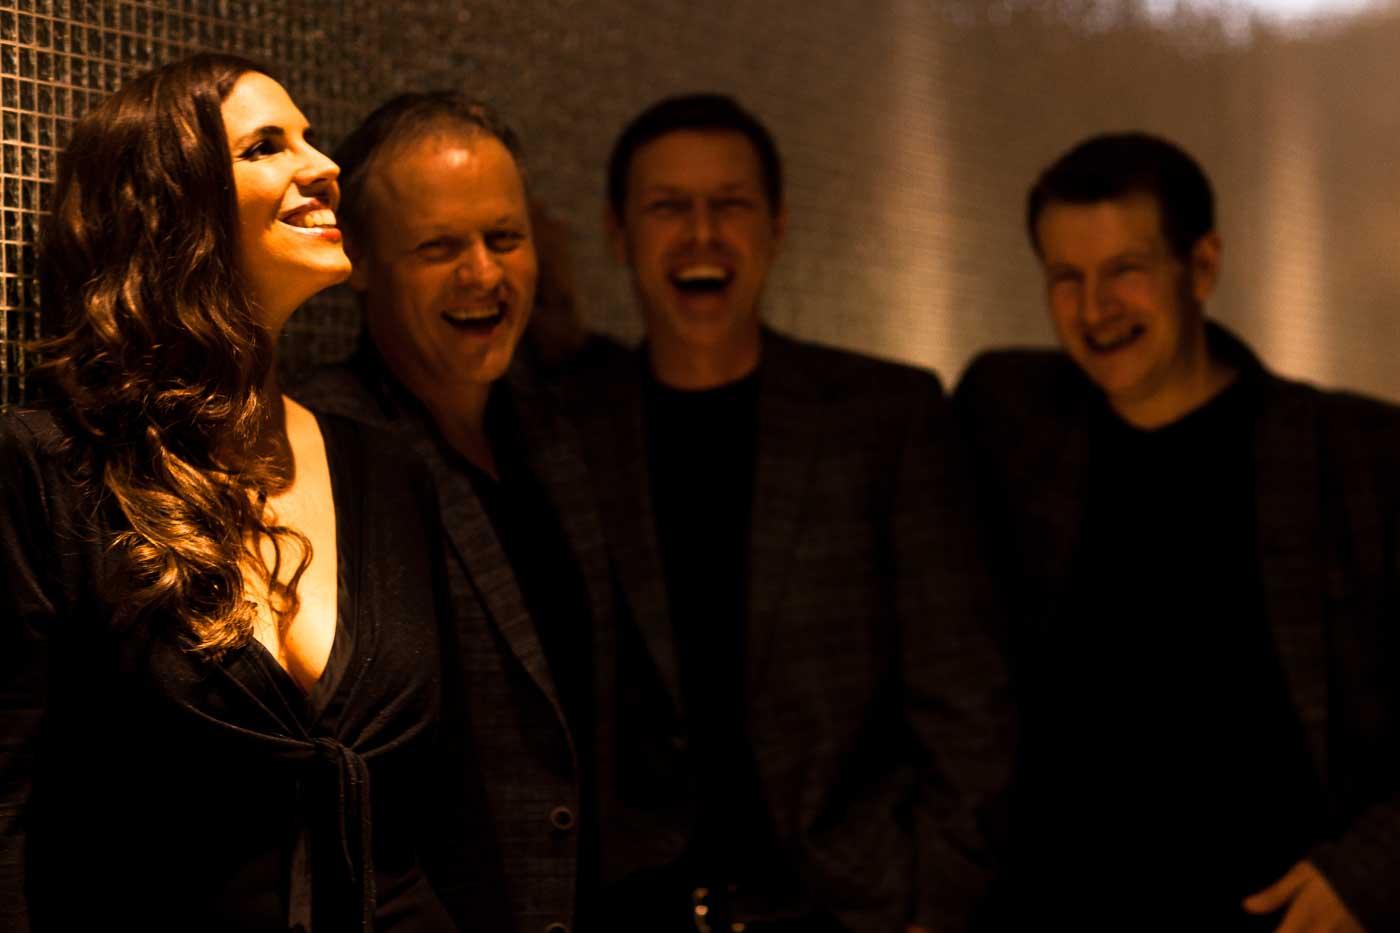 Drei Männer und eine Frau, lachend im Halbportrait